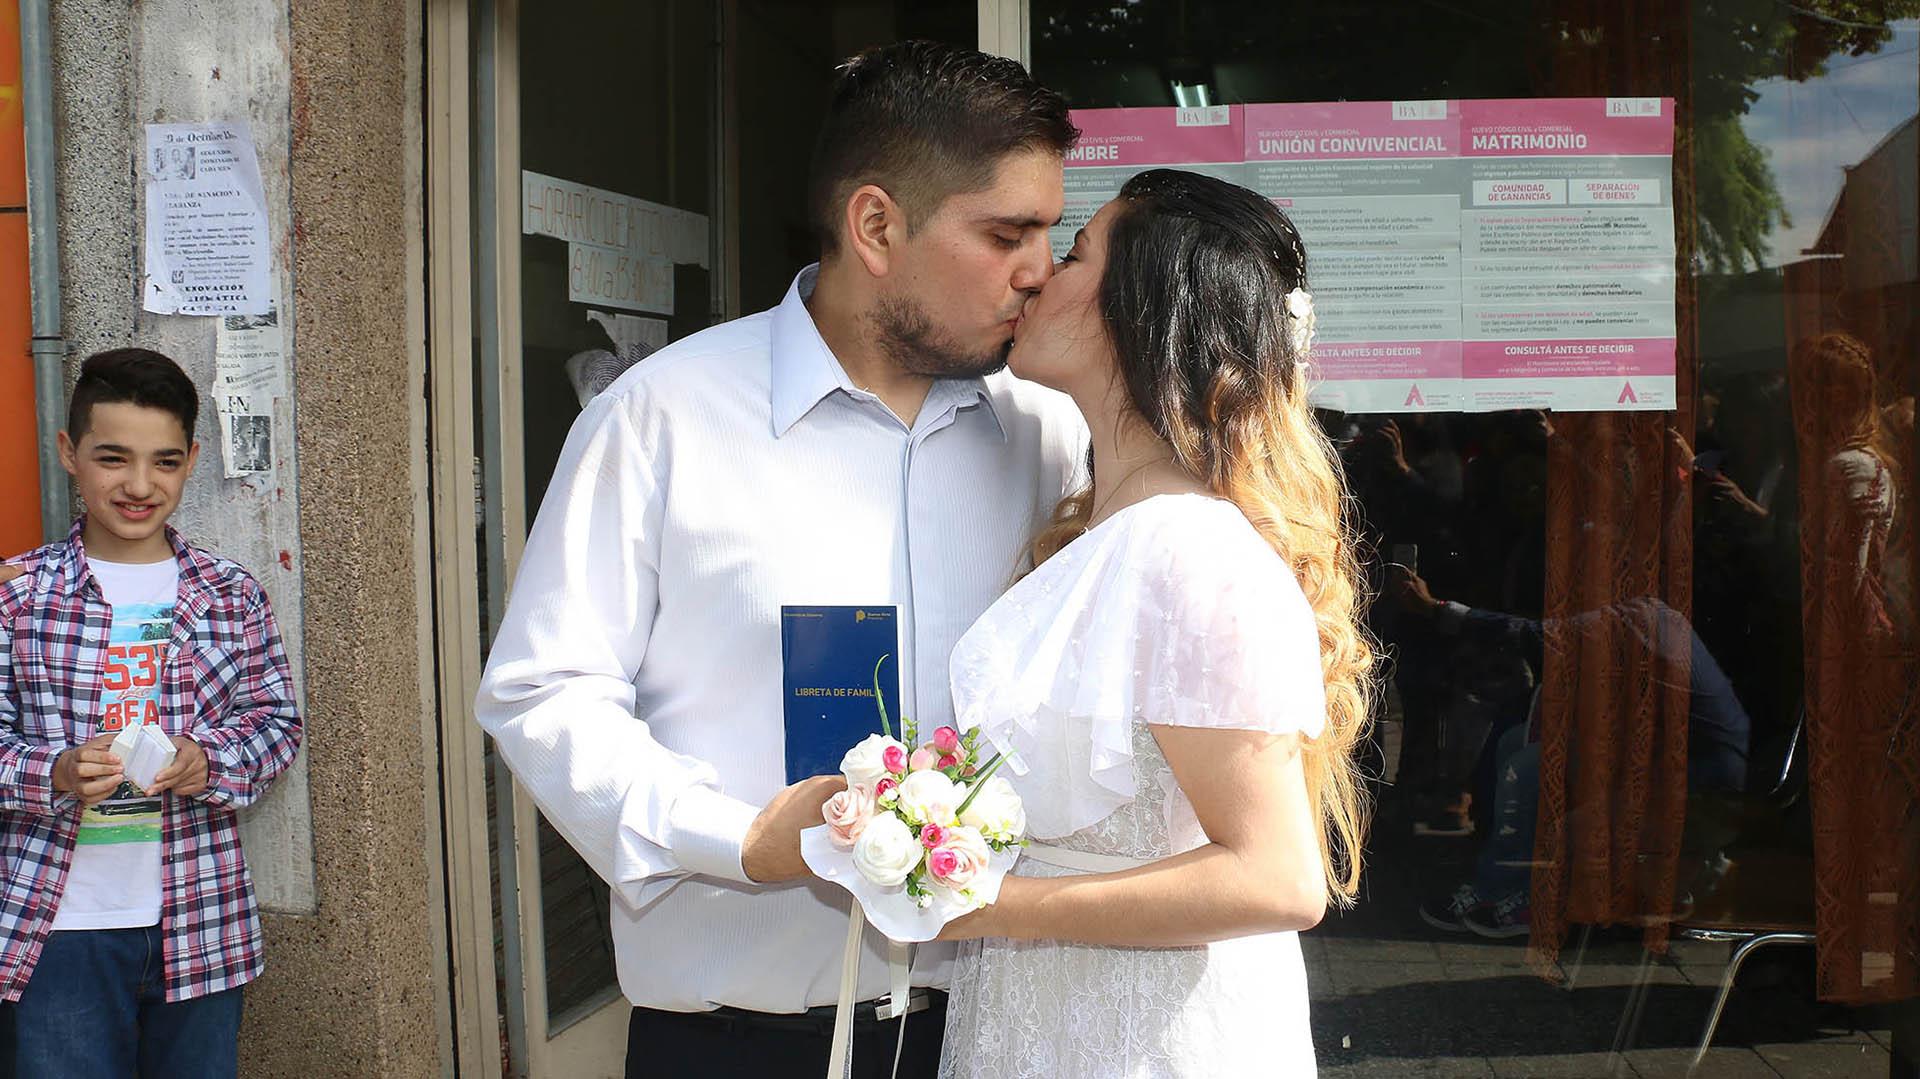 Un amigo de la pareja, Damián, le escribió una carta a Kusnetzoff y solicitó ayuda económica para poder realizar la boda